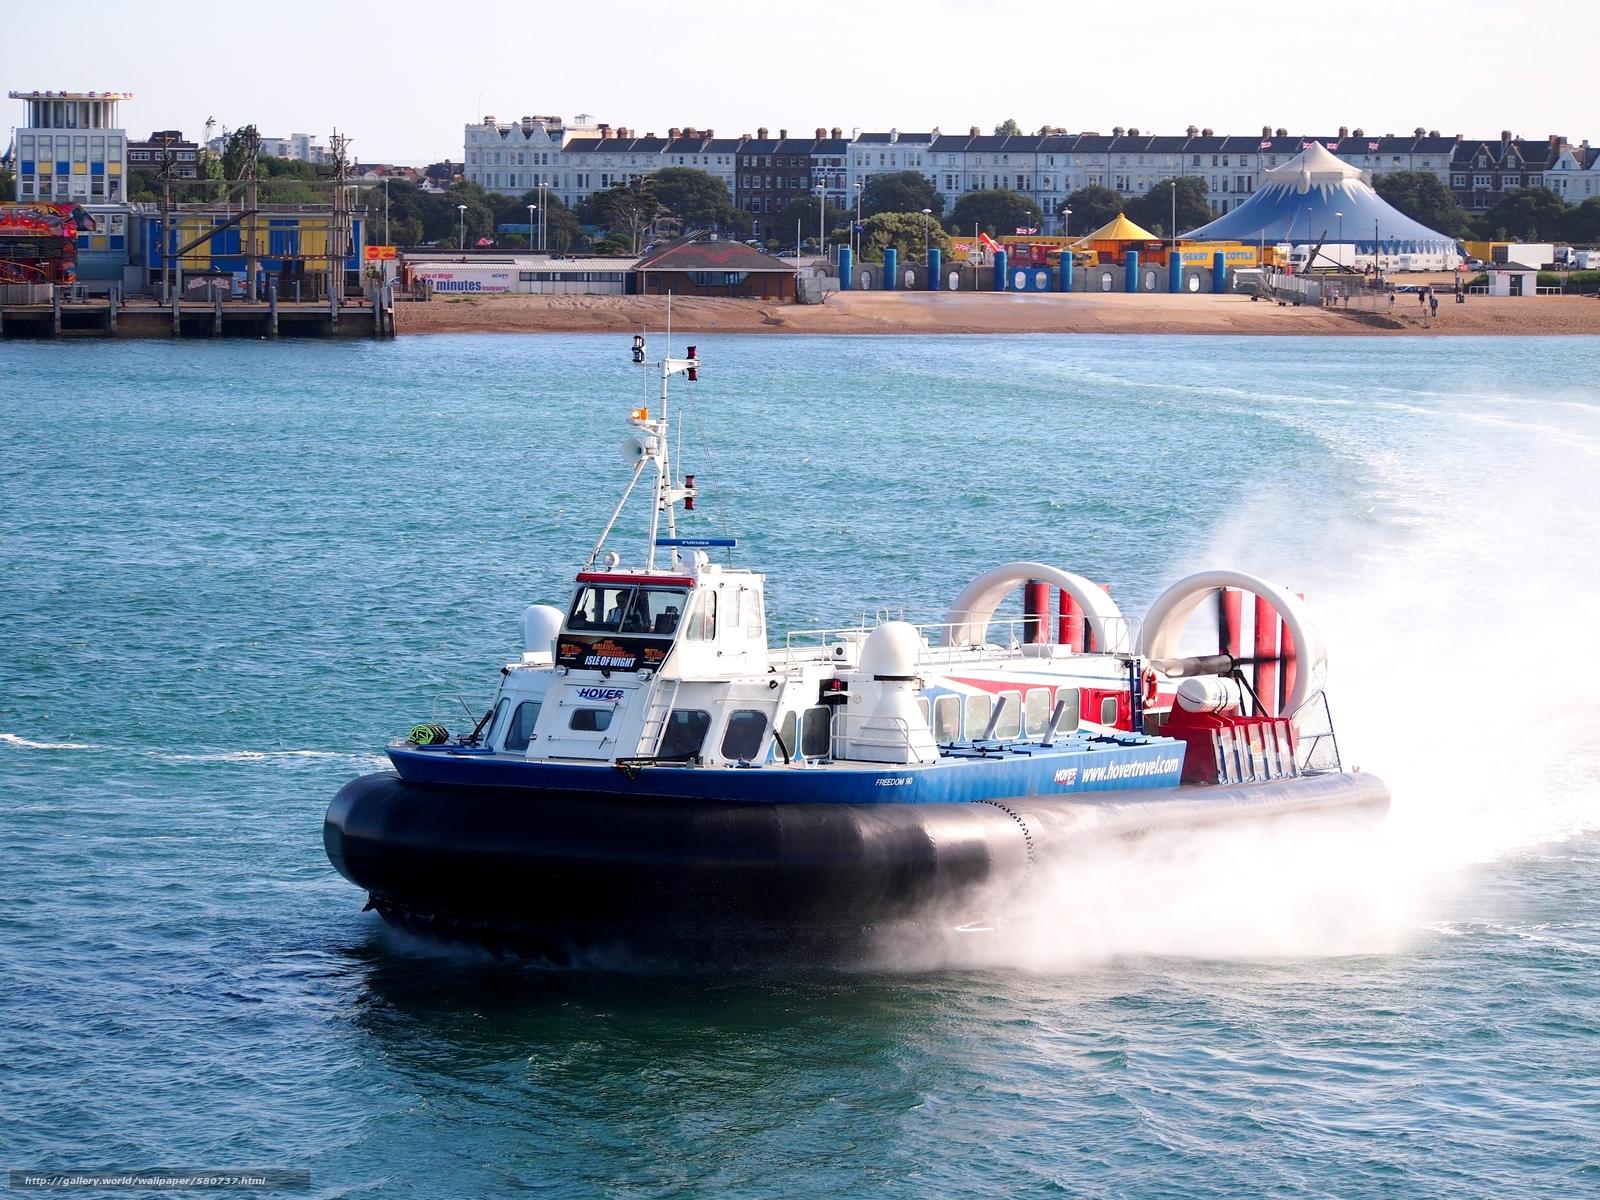 Скачать обои пляж,  Другая техника,  скорость,  берег бесплатно для рабочего стола в разрешении 4032x3024 — картинка №580737